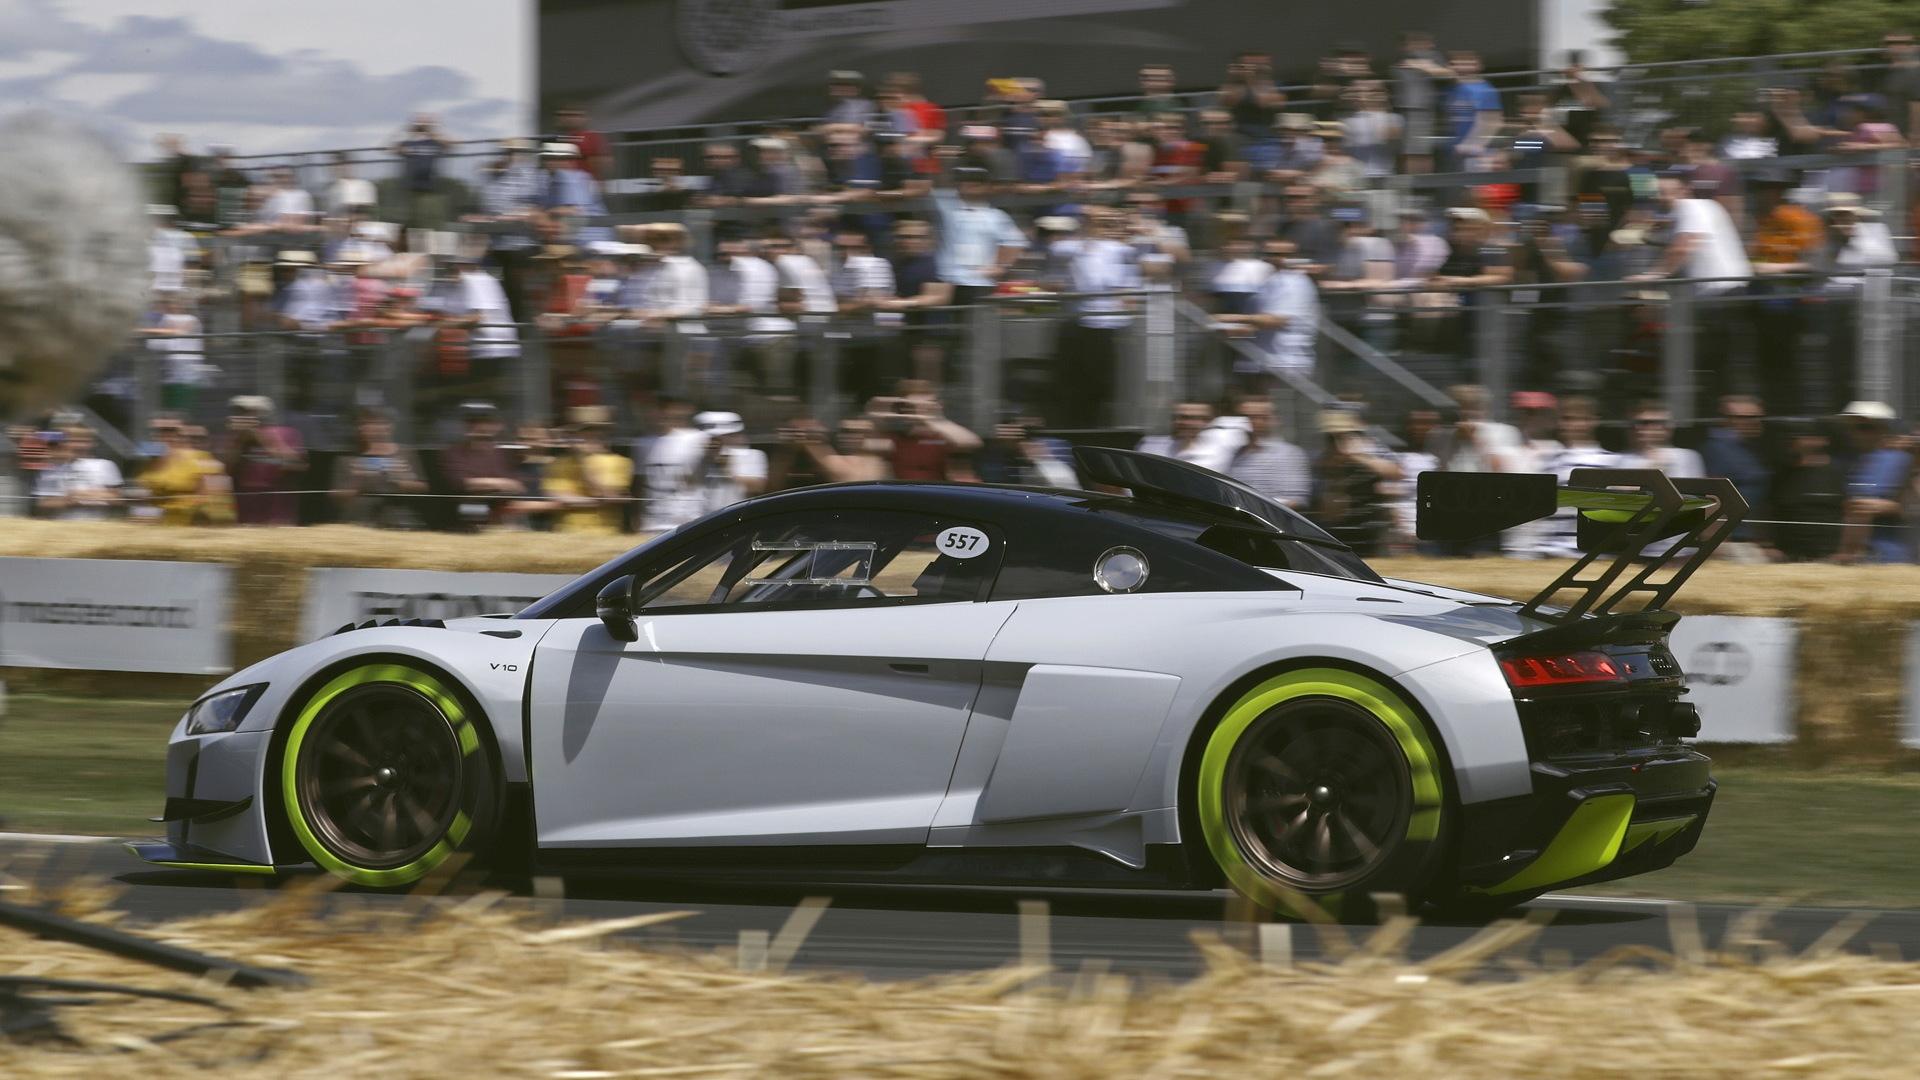 2020 Audi R8 LMS GT2 race car concept